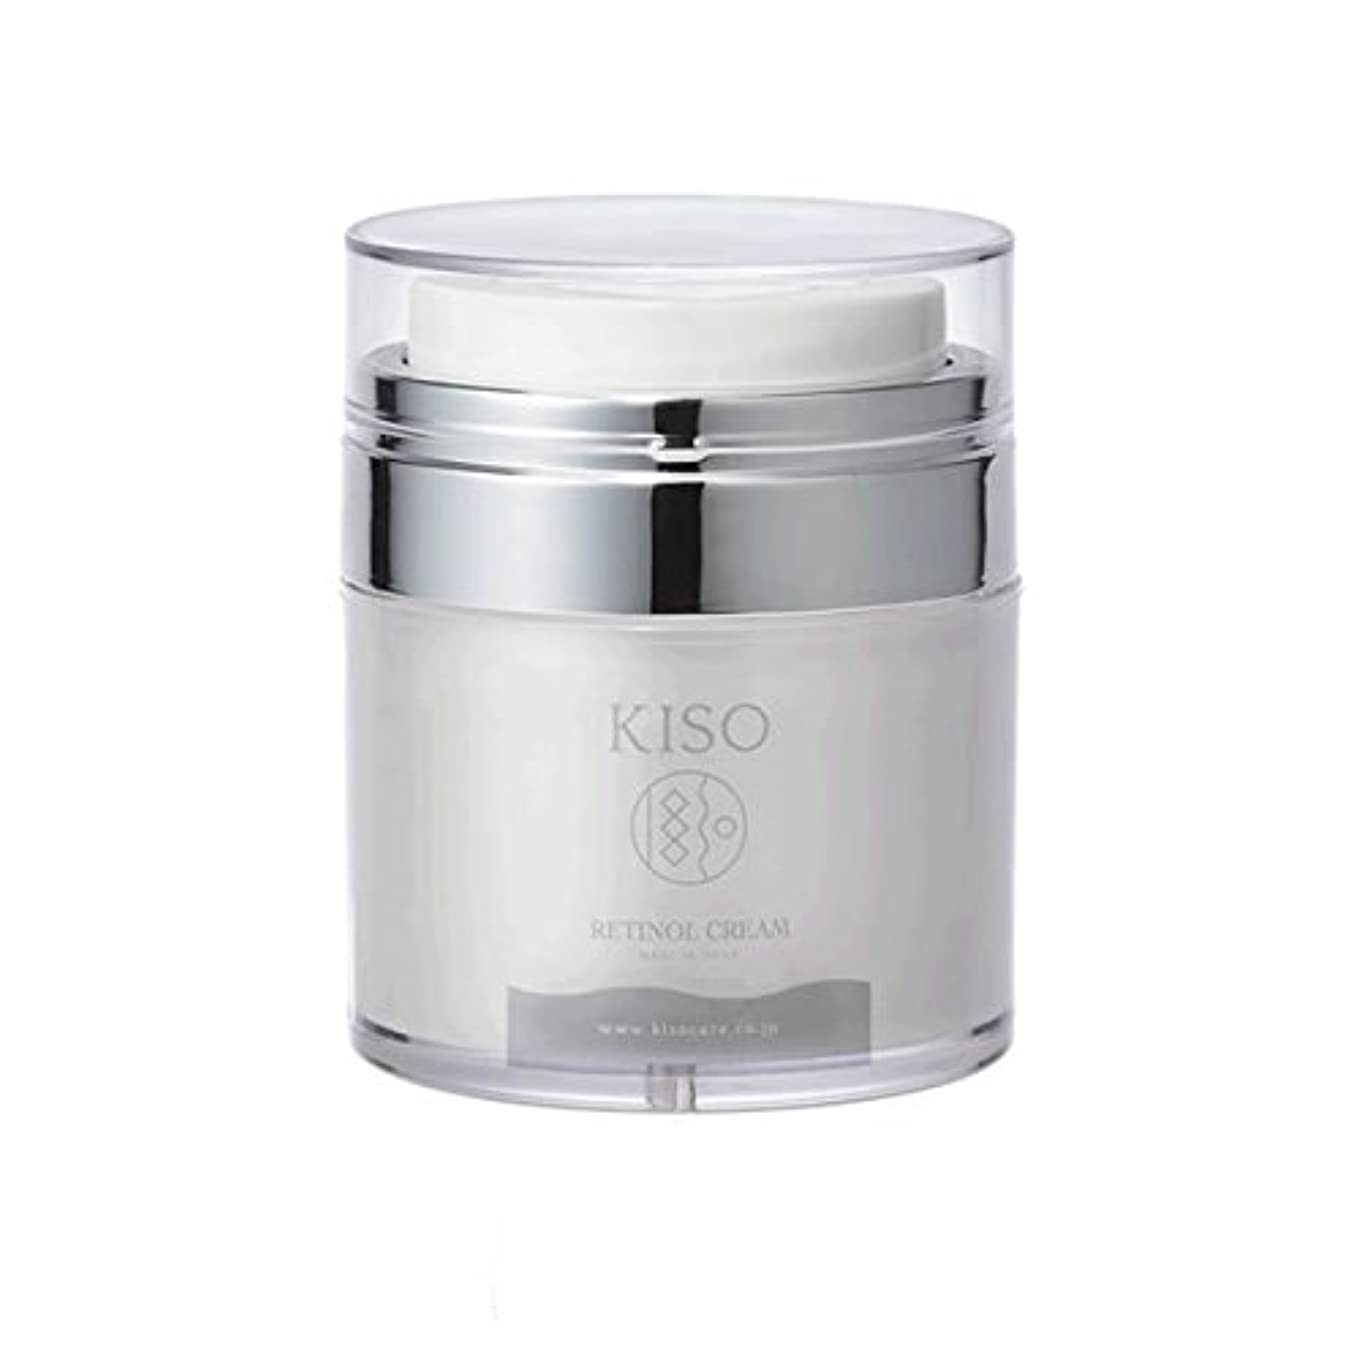 【キソ スーパーリンクルクリーム VA 45g】純粋レチノール原液を3%高配合 レチノール クリーム